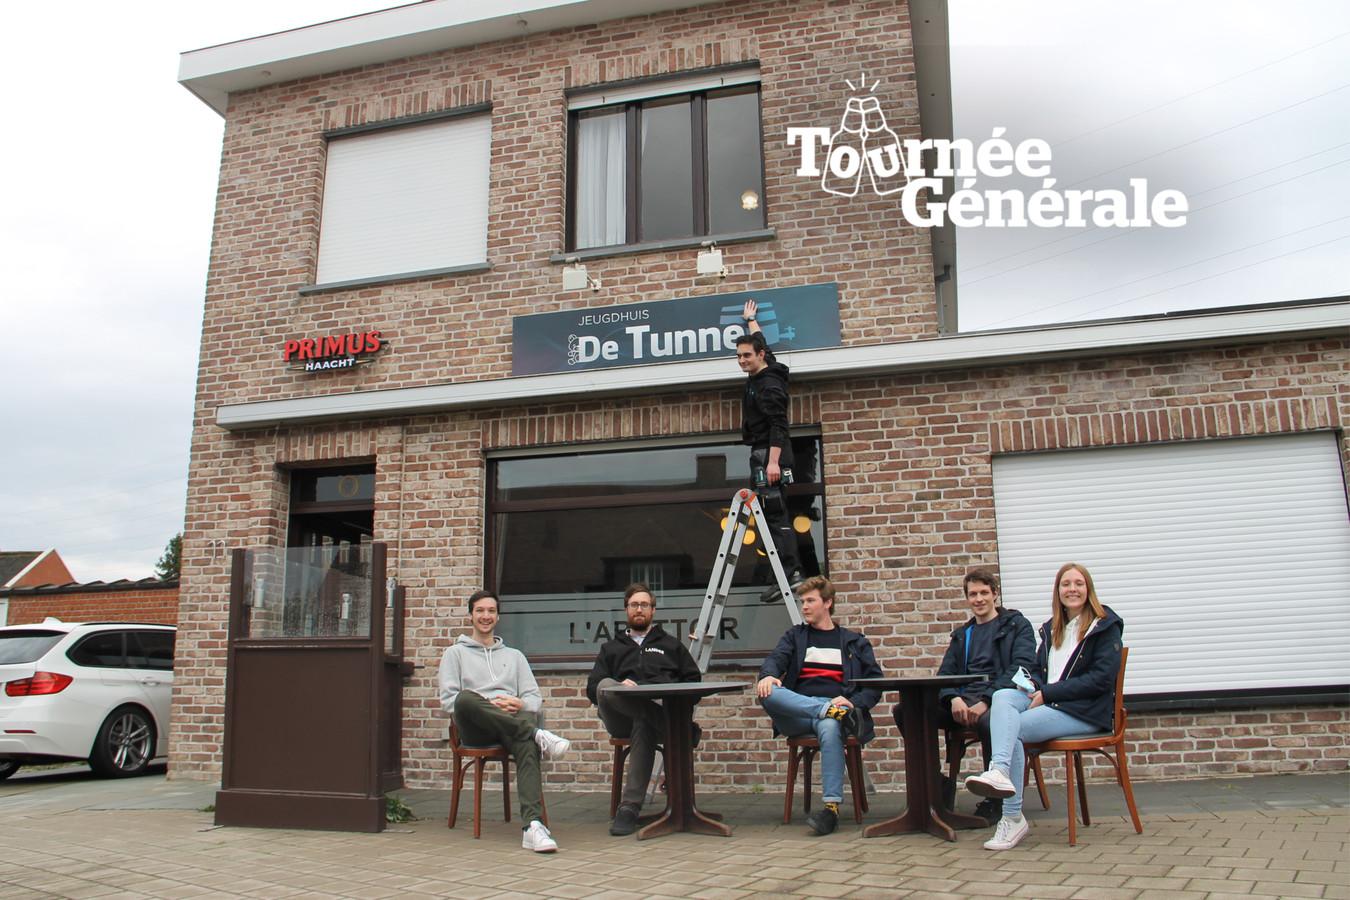 Jeugdhuis De Tunne zet alvast zijn terras klaar voor de heropening van de horeca nu zaterdag.